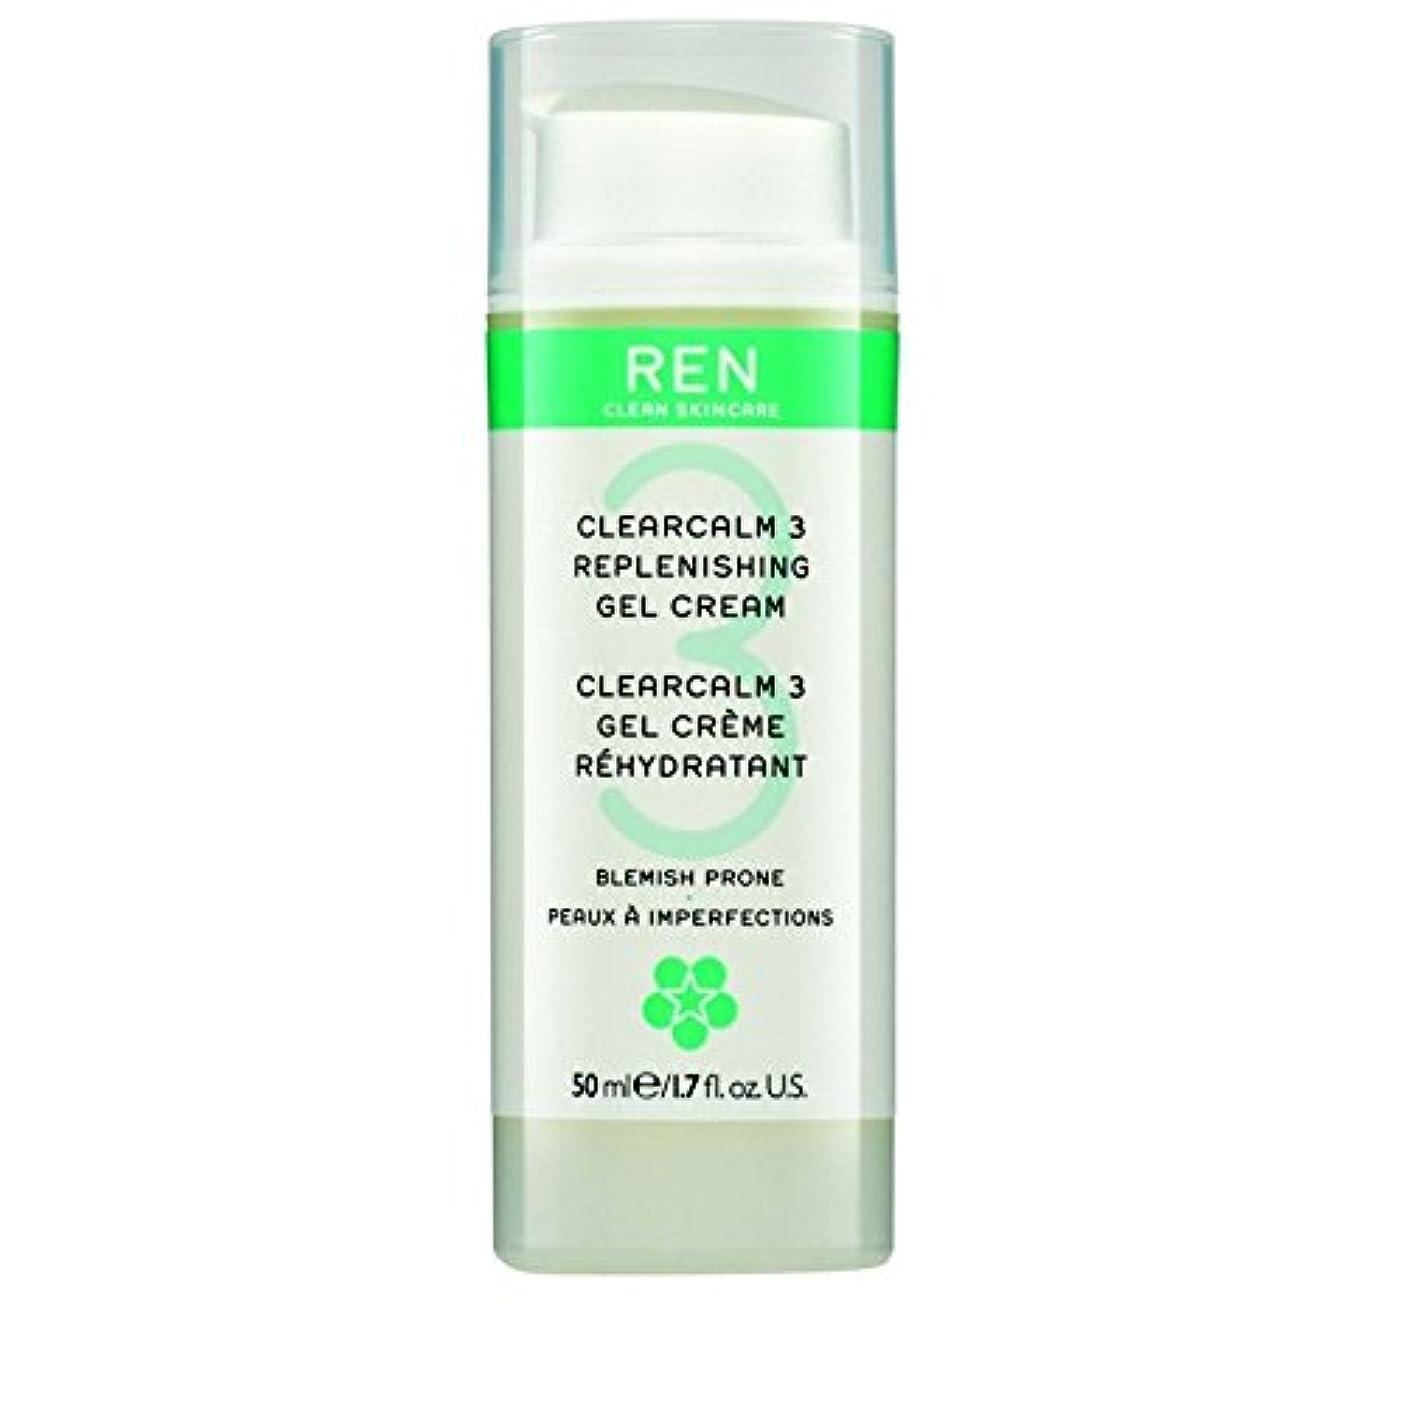 十代の若者たち論争の的虚栄心REN ClearCalm 3 Replenishing Night Serum (Pack of 6) - 3補給夜の血清 x6 [並行輸入品]